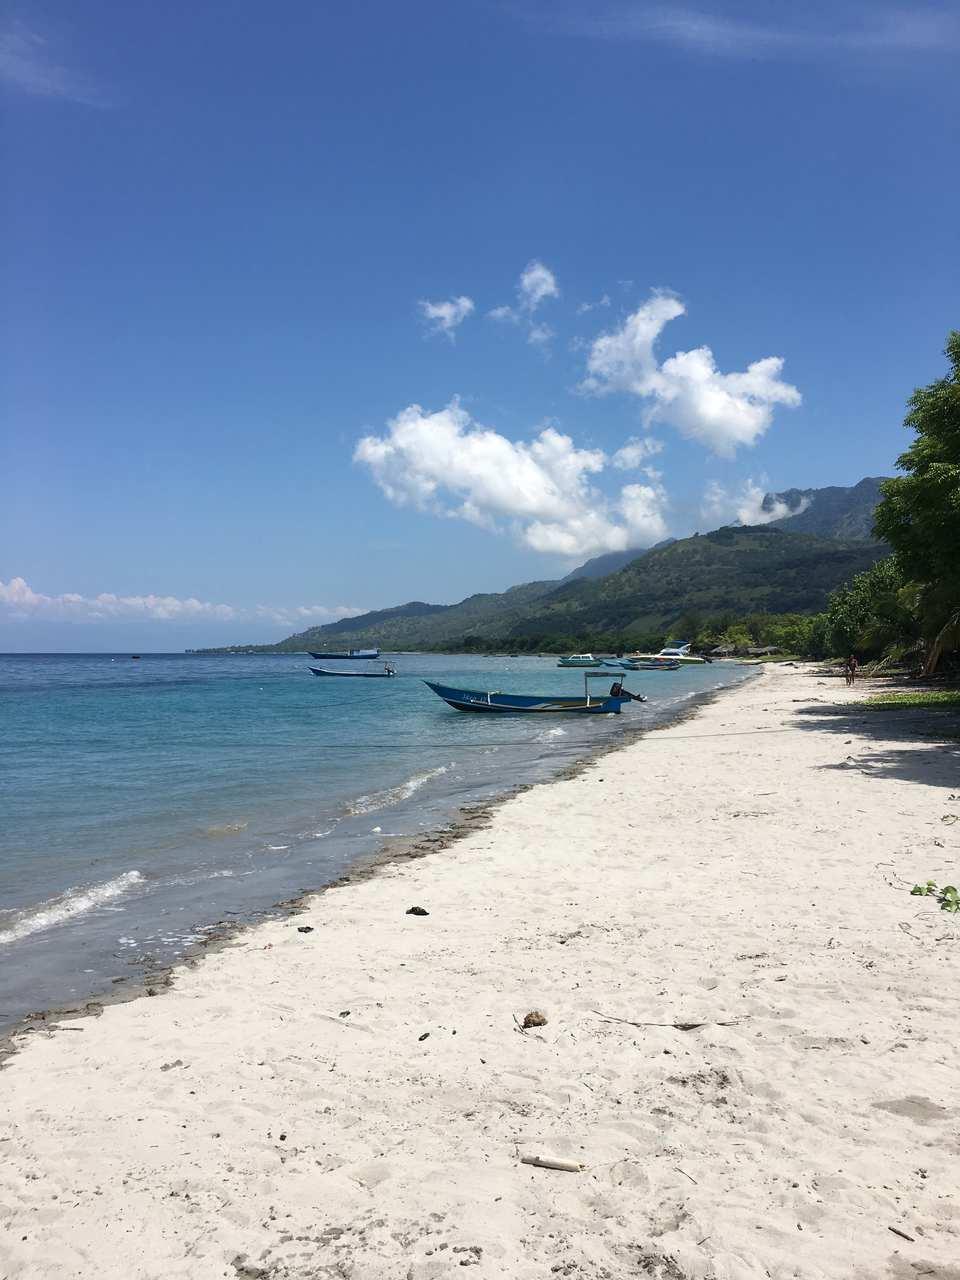 vista da praia de Ataúro em Timor-Leste. Foto de Mariana Torres